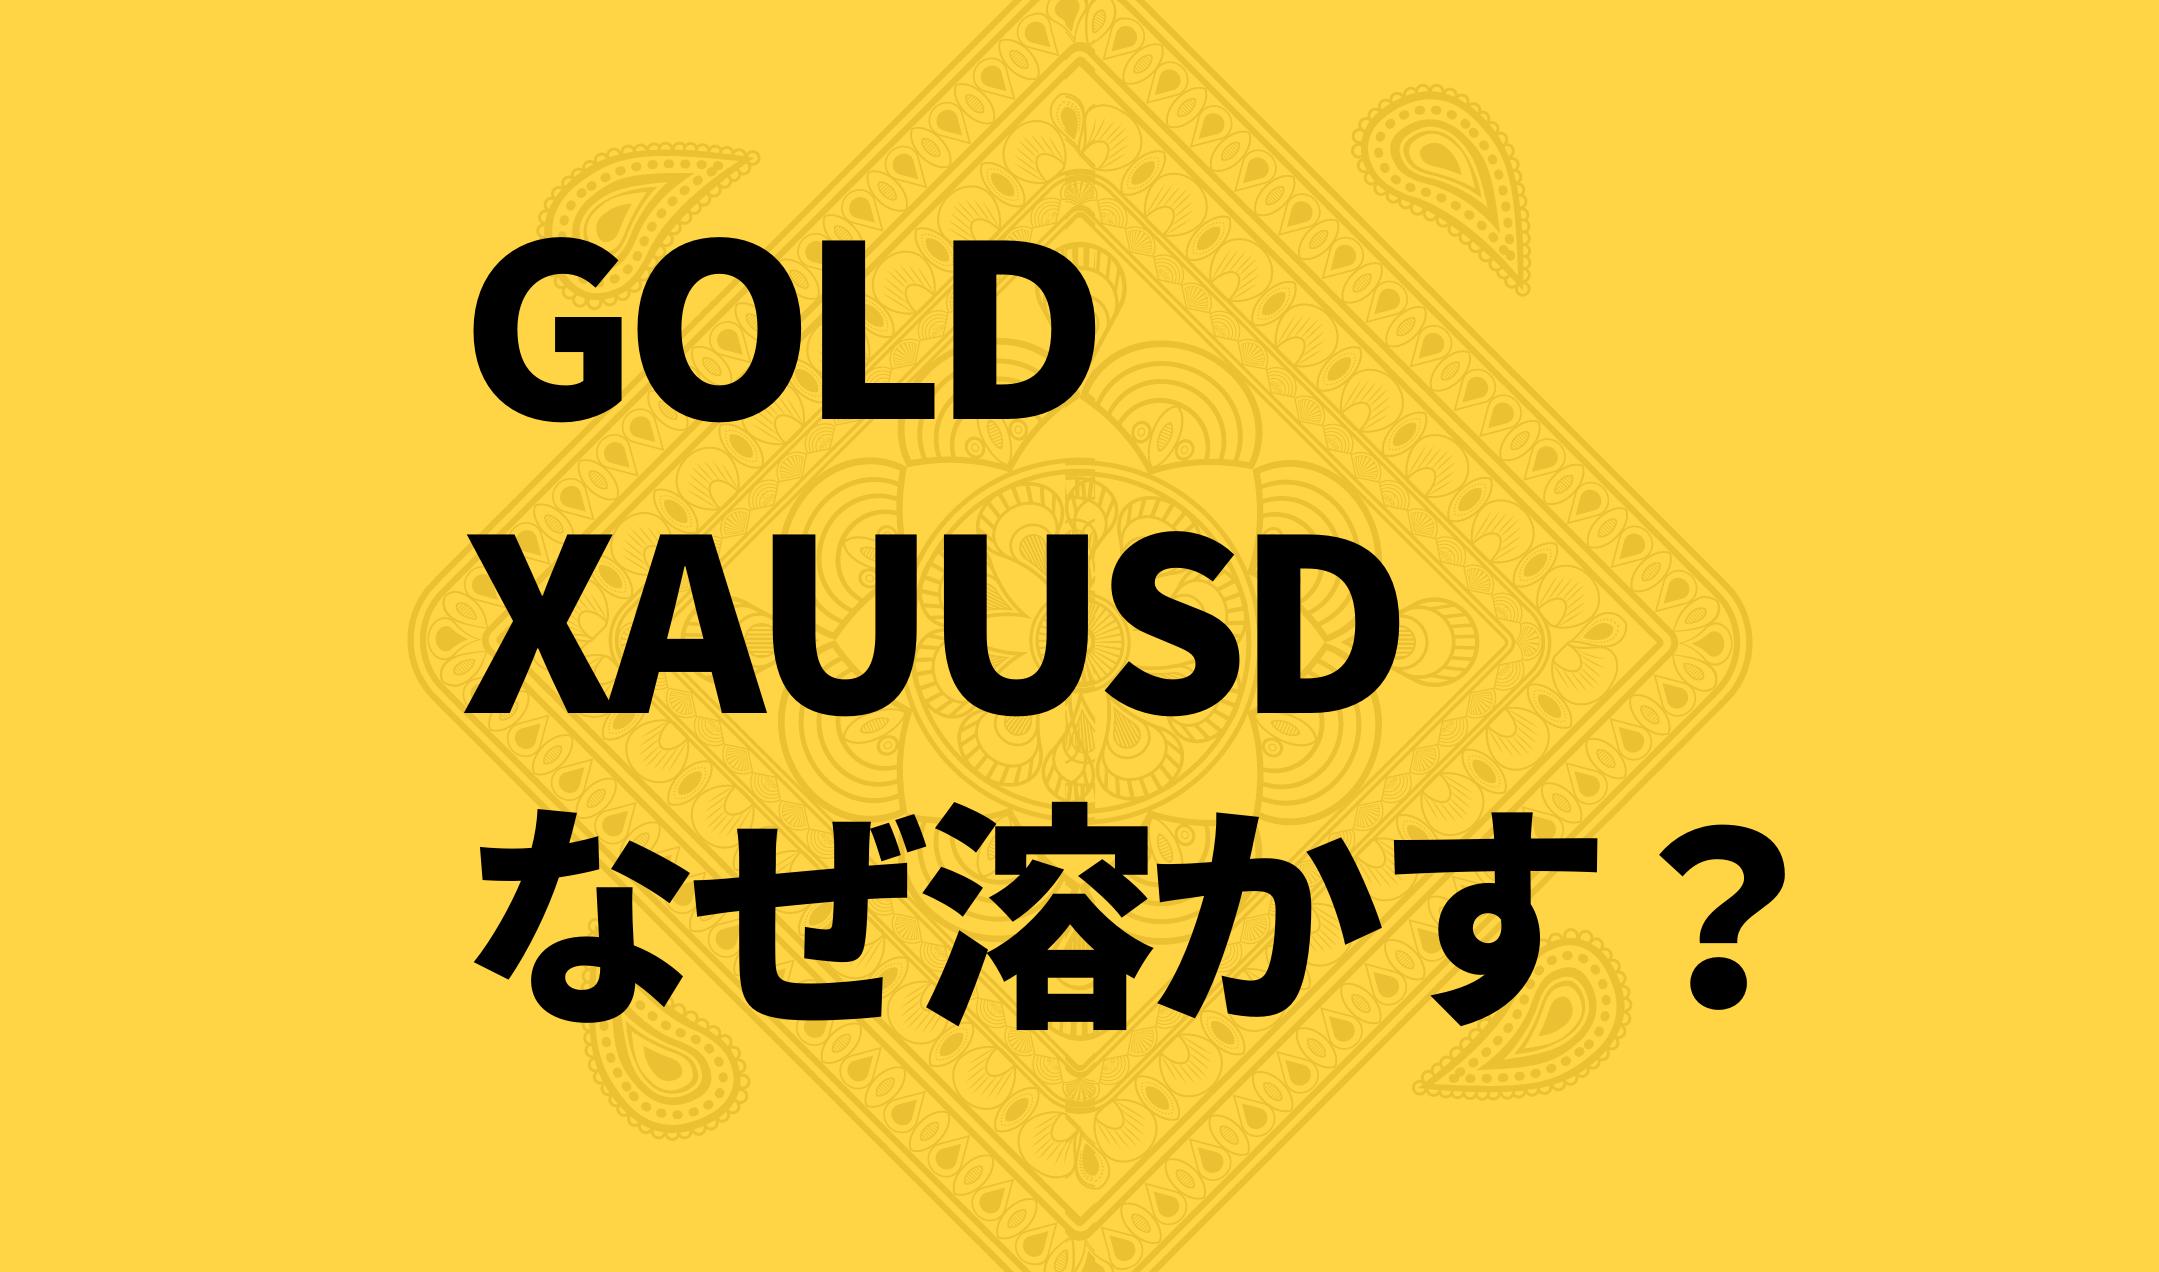 GOLD 稼げる